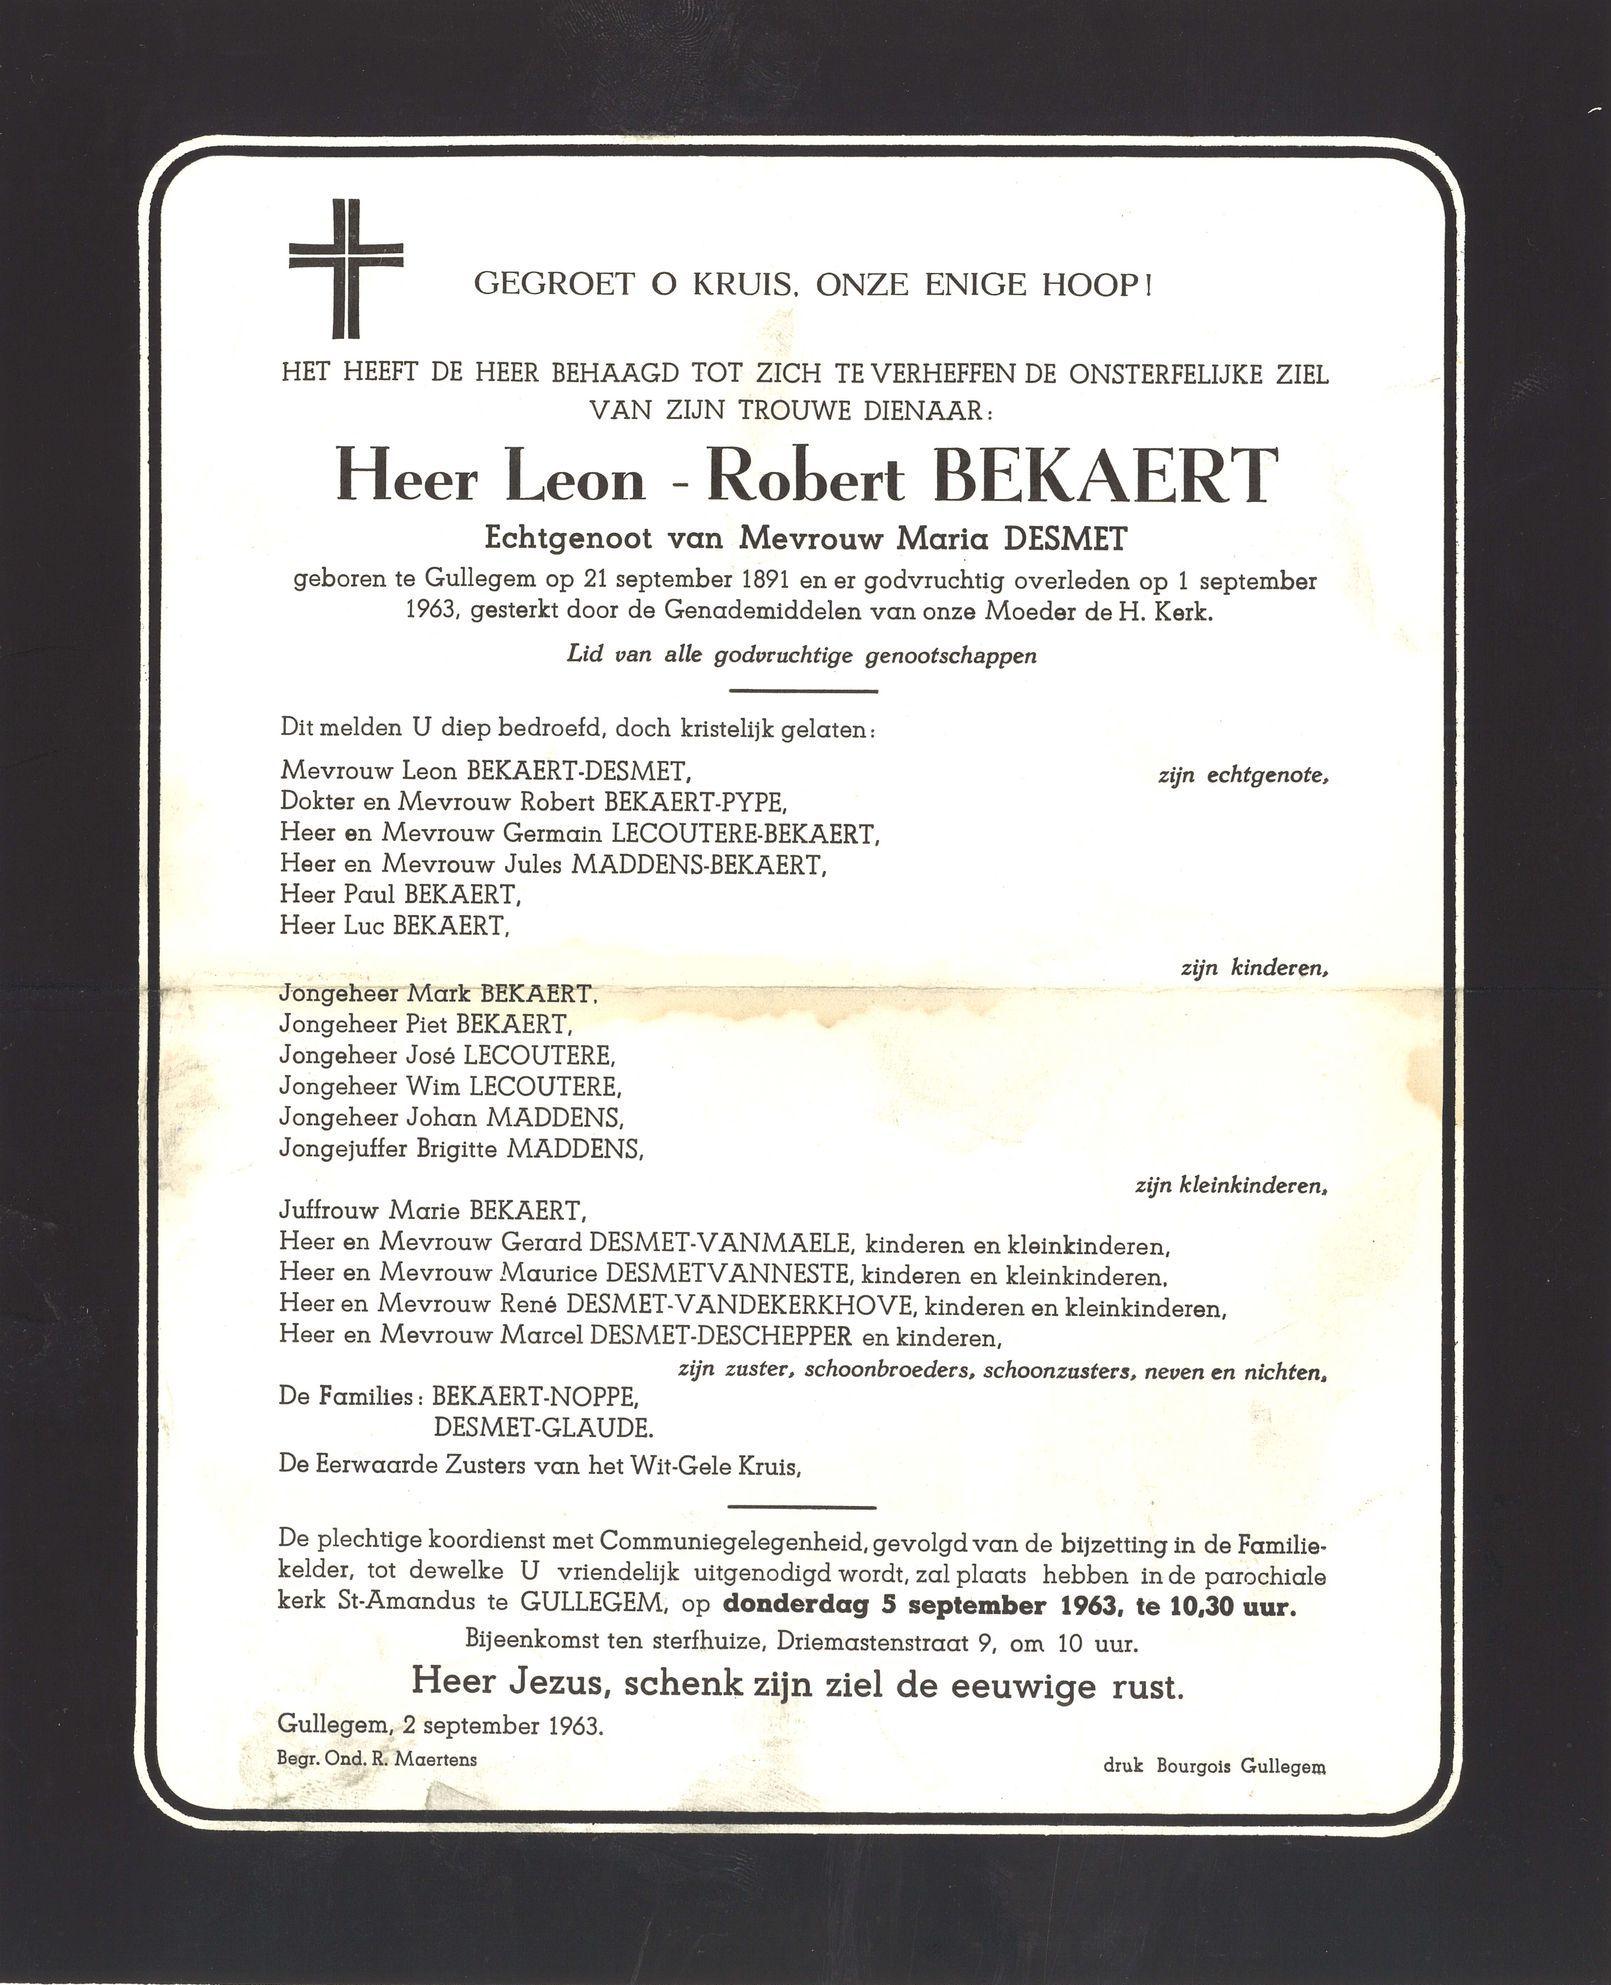 Leon-Robert Bekaert